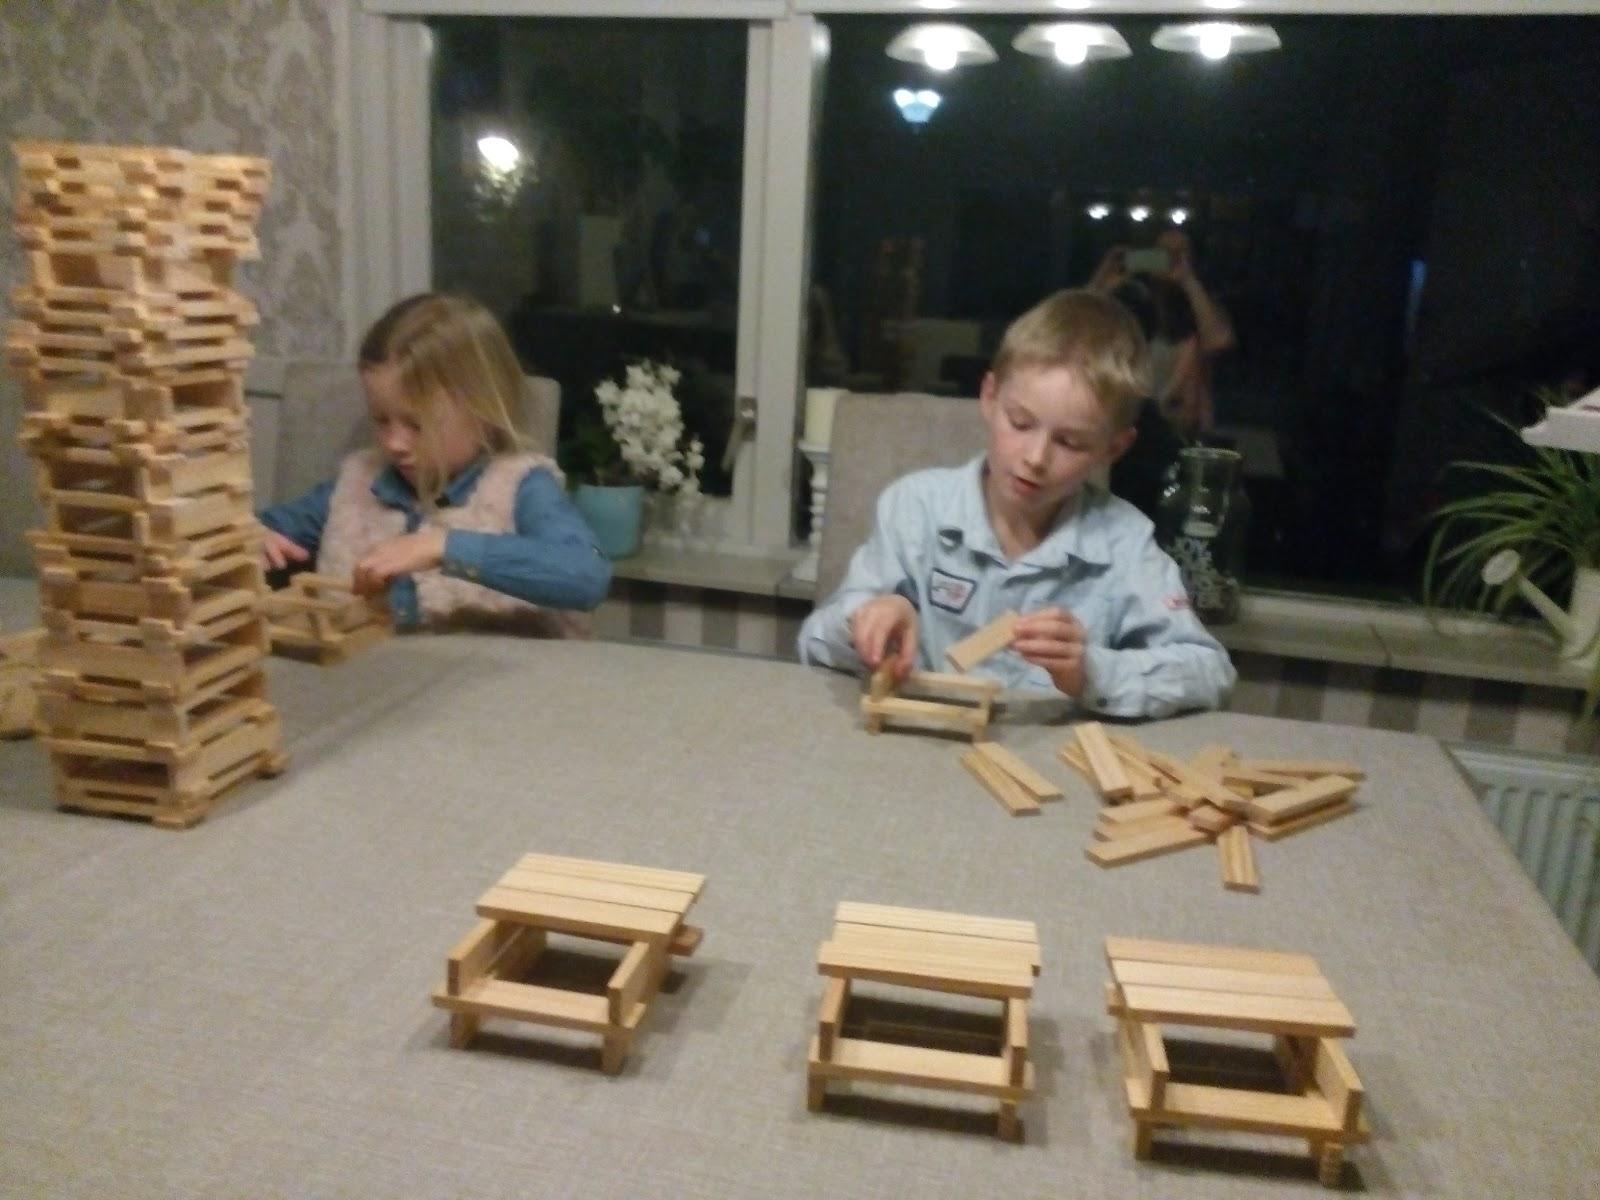 Schrijfgelukjes: Gezinsmoment: de toren van Babel